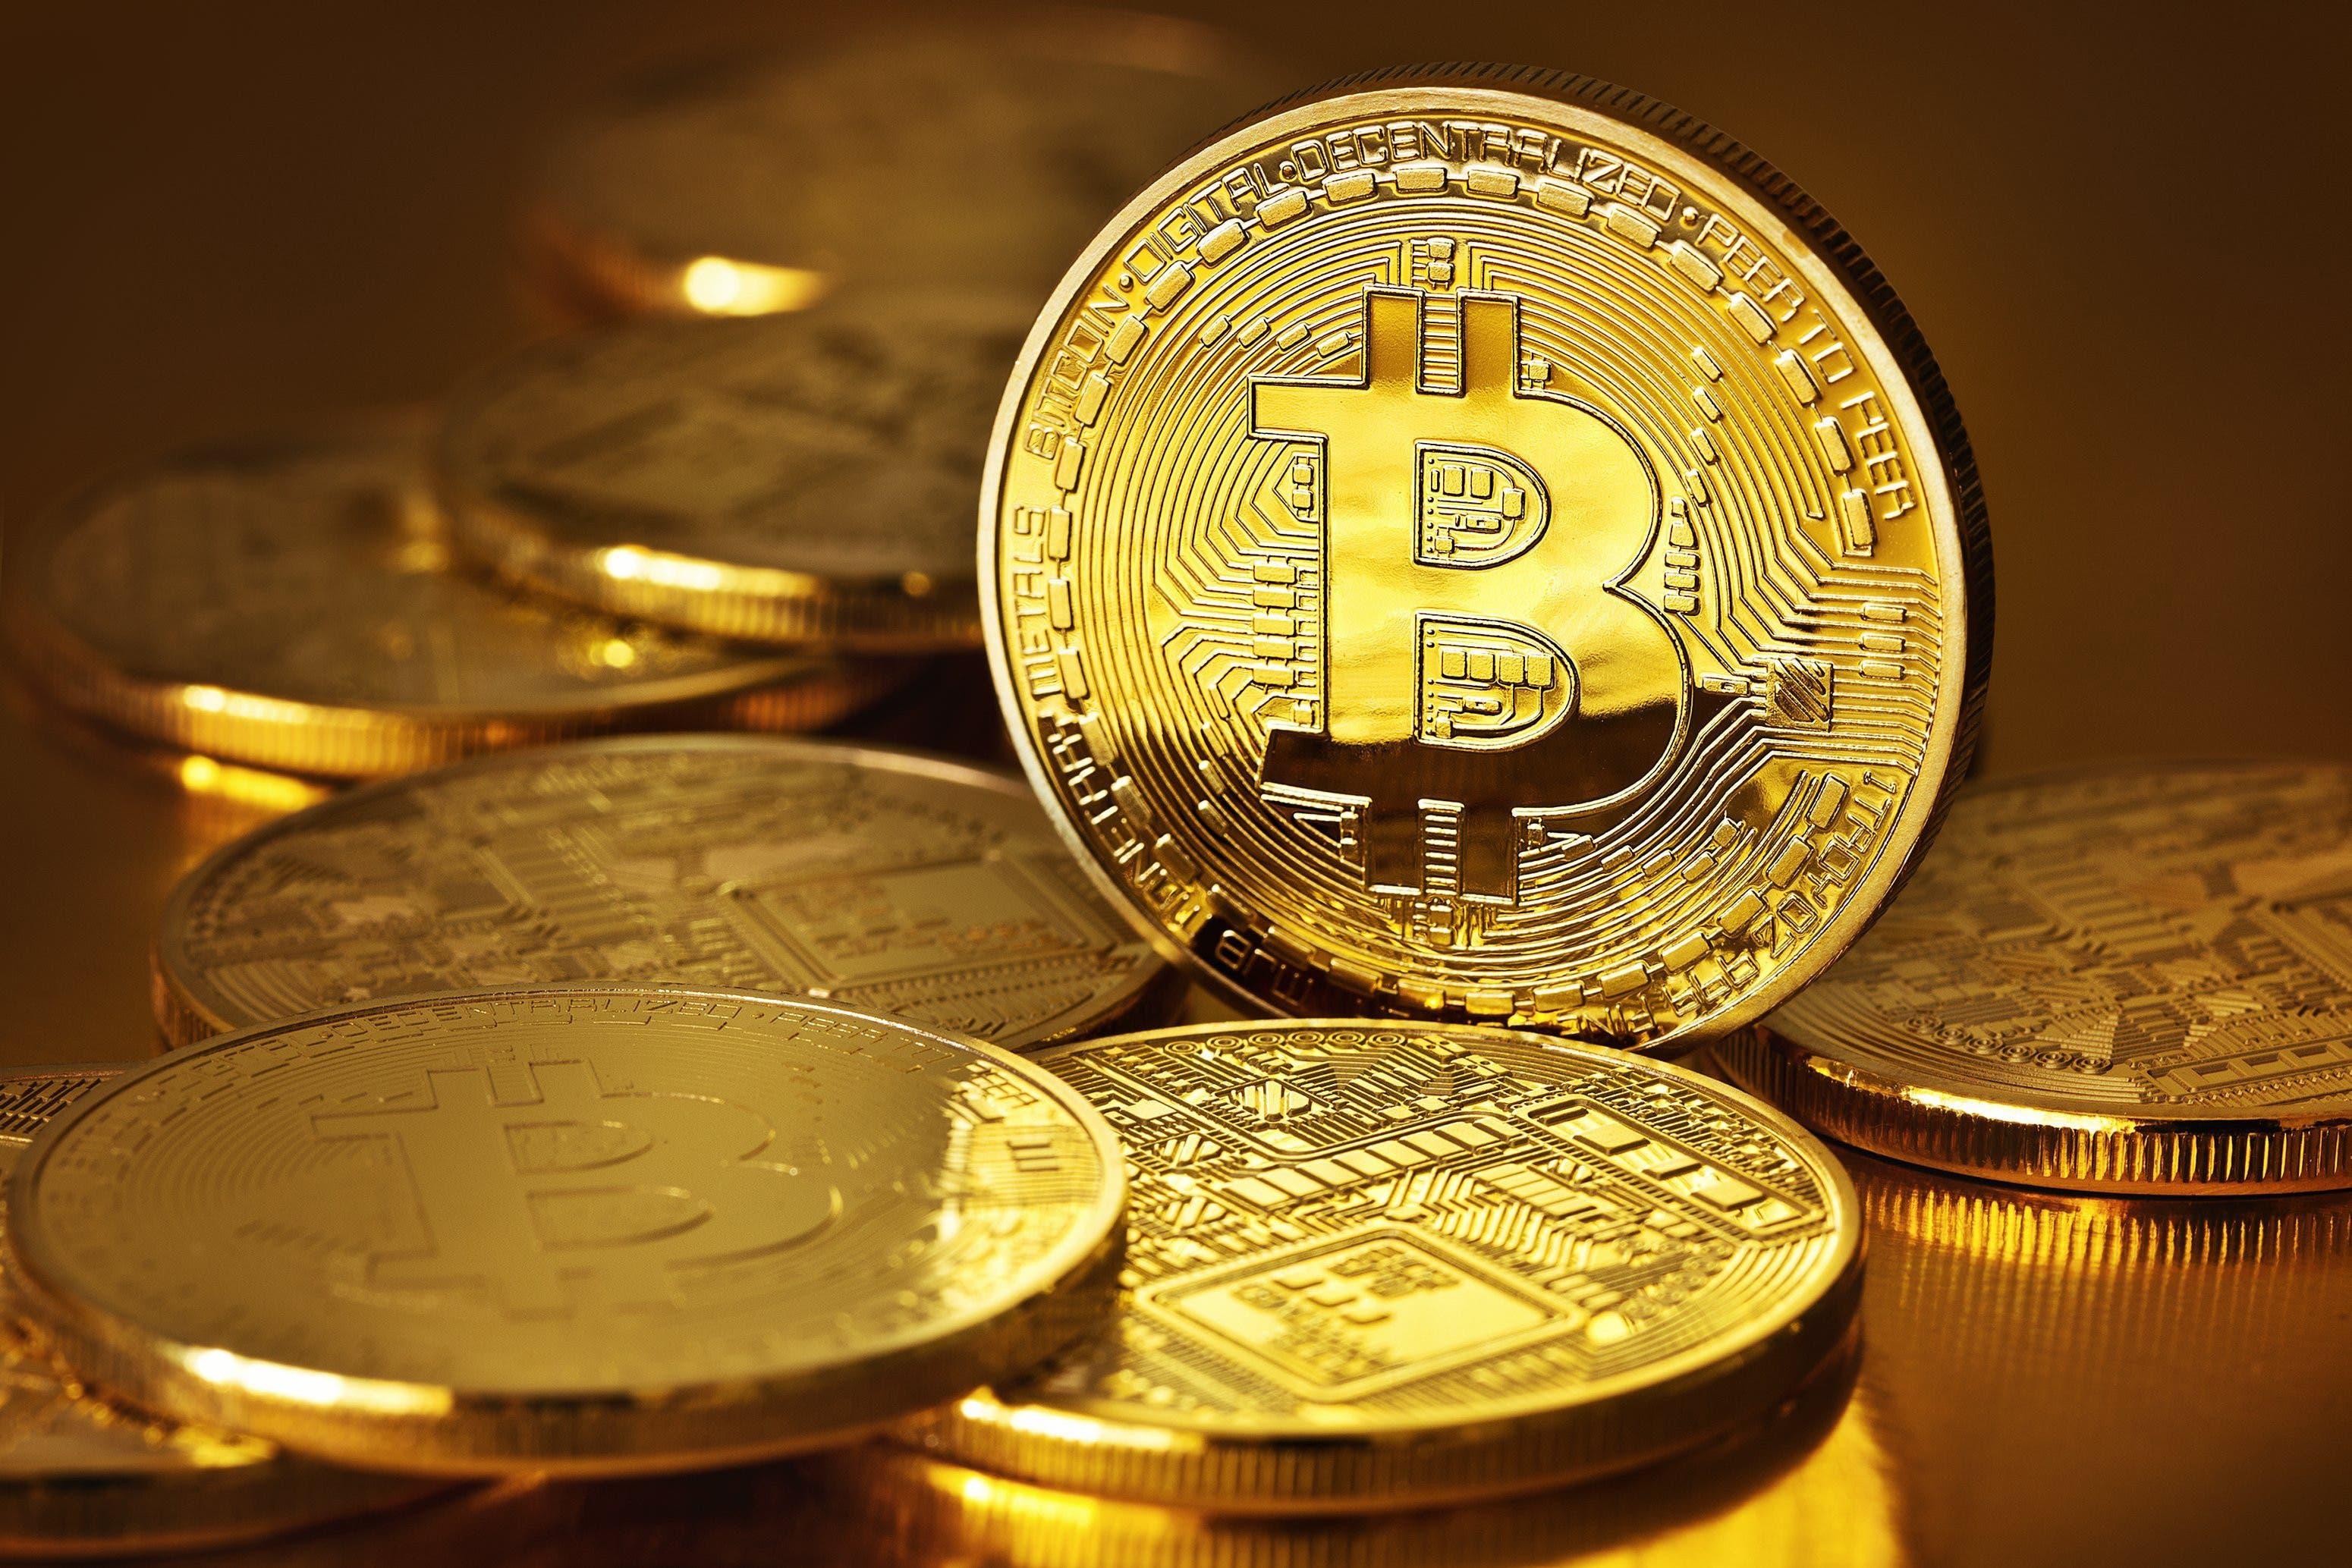 El Salvador adopta el bitcoin como moneda de curso legal